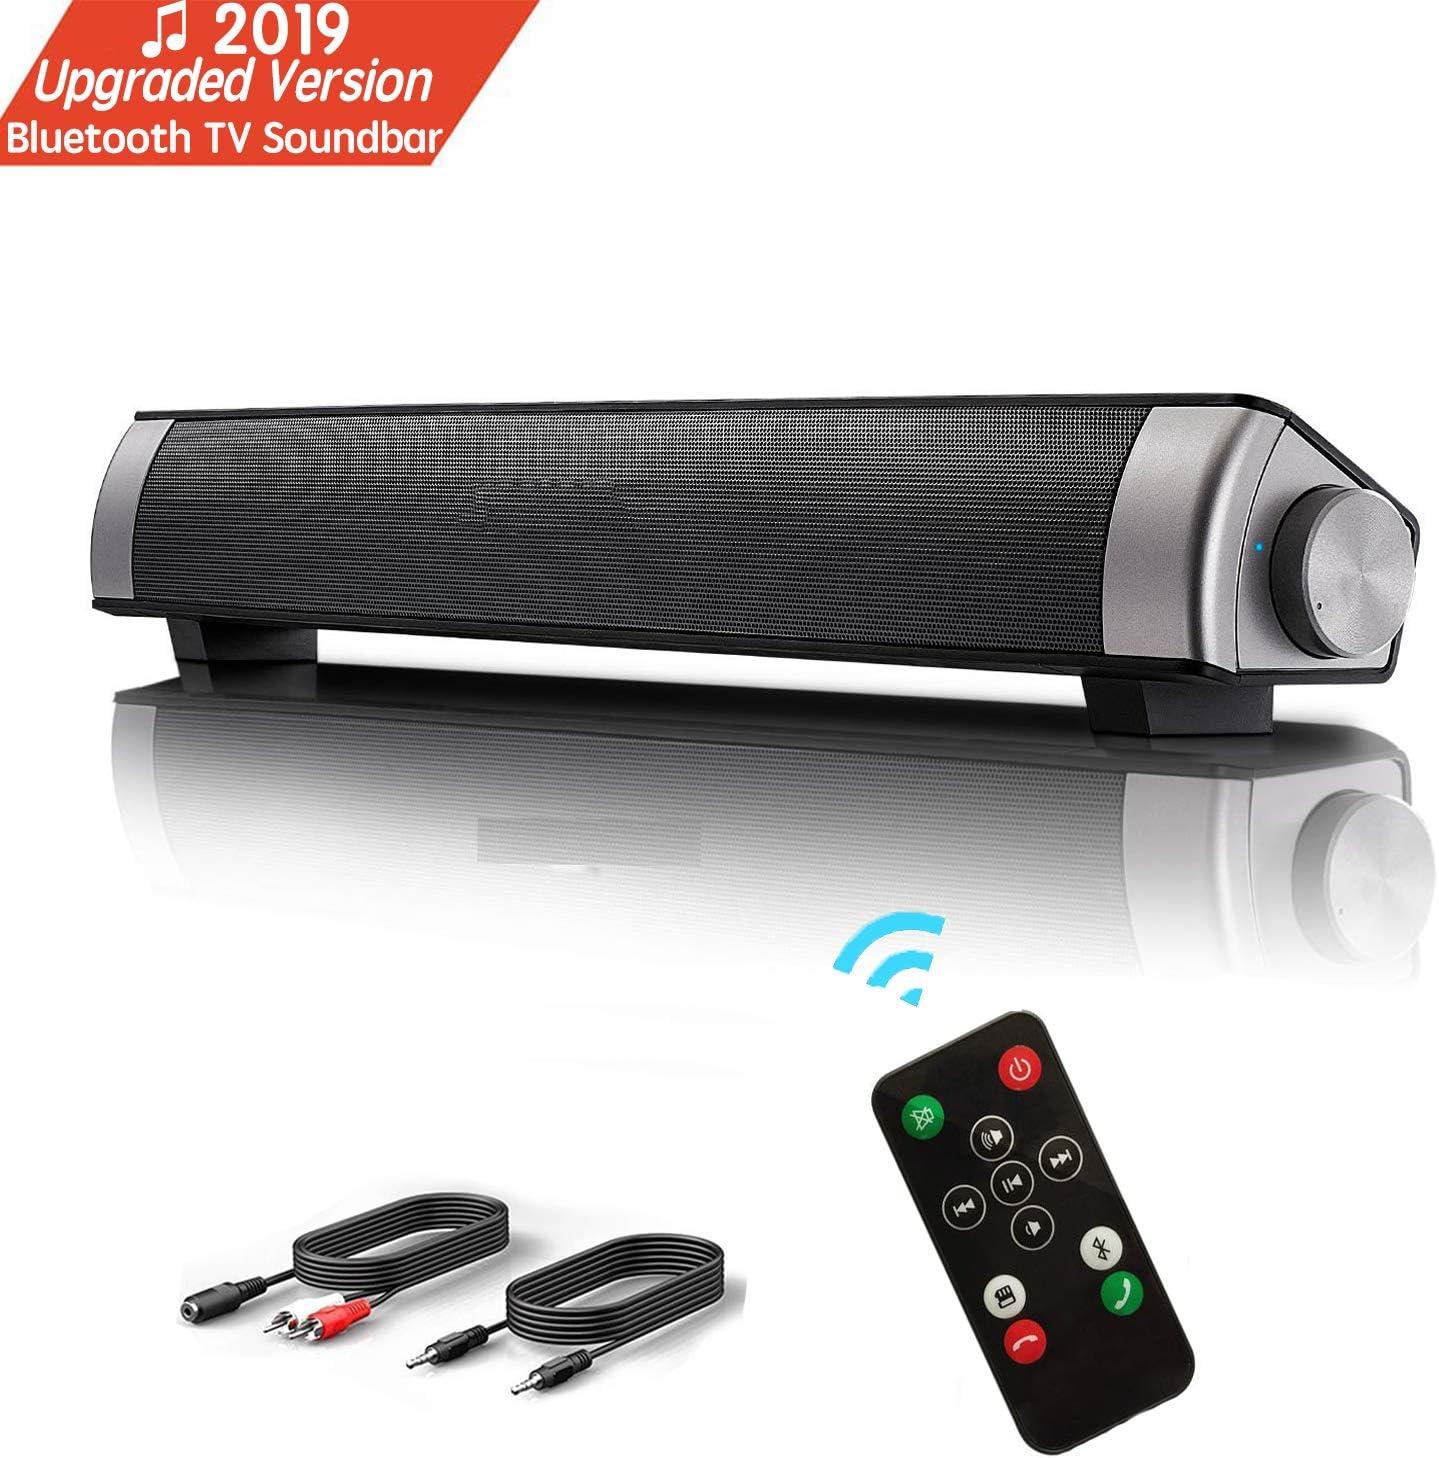 Lautsprecher Tv Sound Bar Wireless Bluetooth Soundbar Tragbare Stereo Wired Usb Powered Computer Lautsprecher Portable Speaker Palyer Mit Eingebautem Subwoofer Unterstützung Optisch Aux Tf Karte Usb Audio Hifi